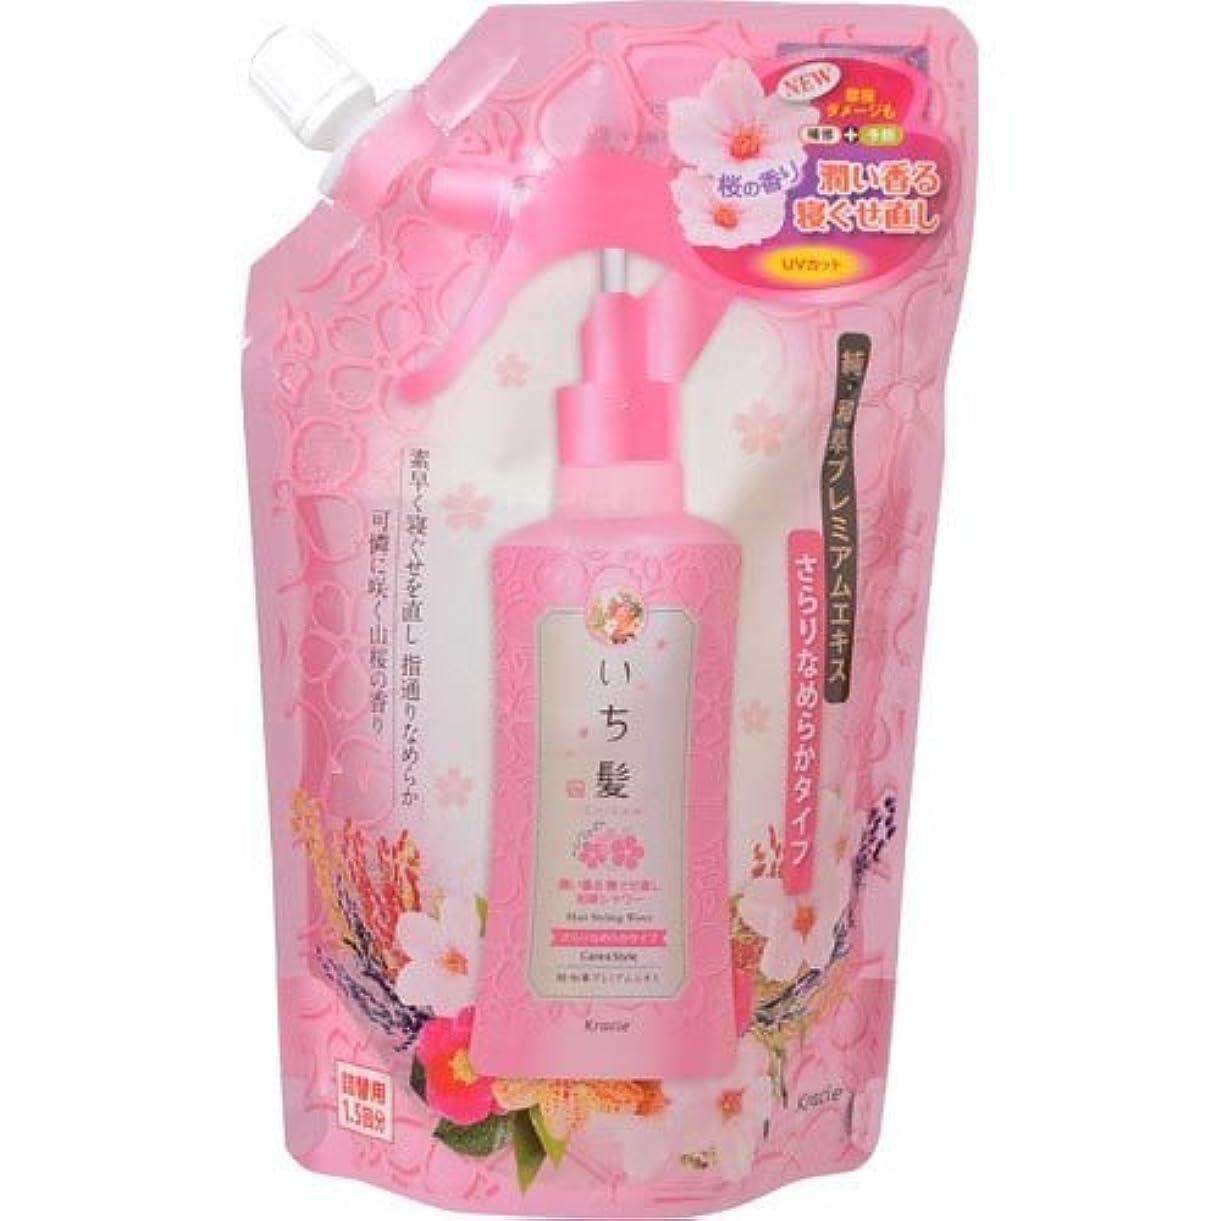 麦芽誇りエミュレーションいち髪 潤い香る寝ぐせ直し和草シャワー さらりなめらかタイプ 詰替用 375mL